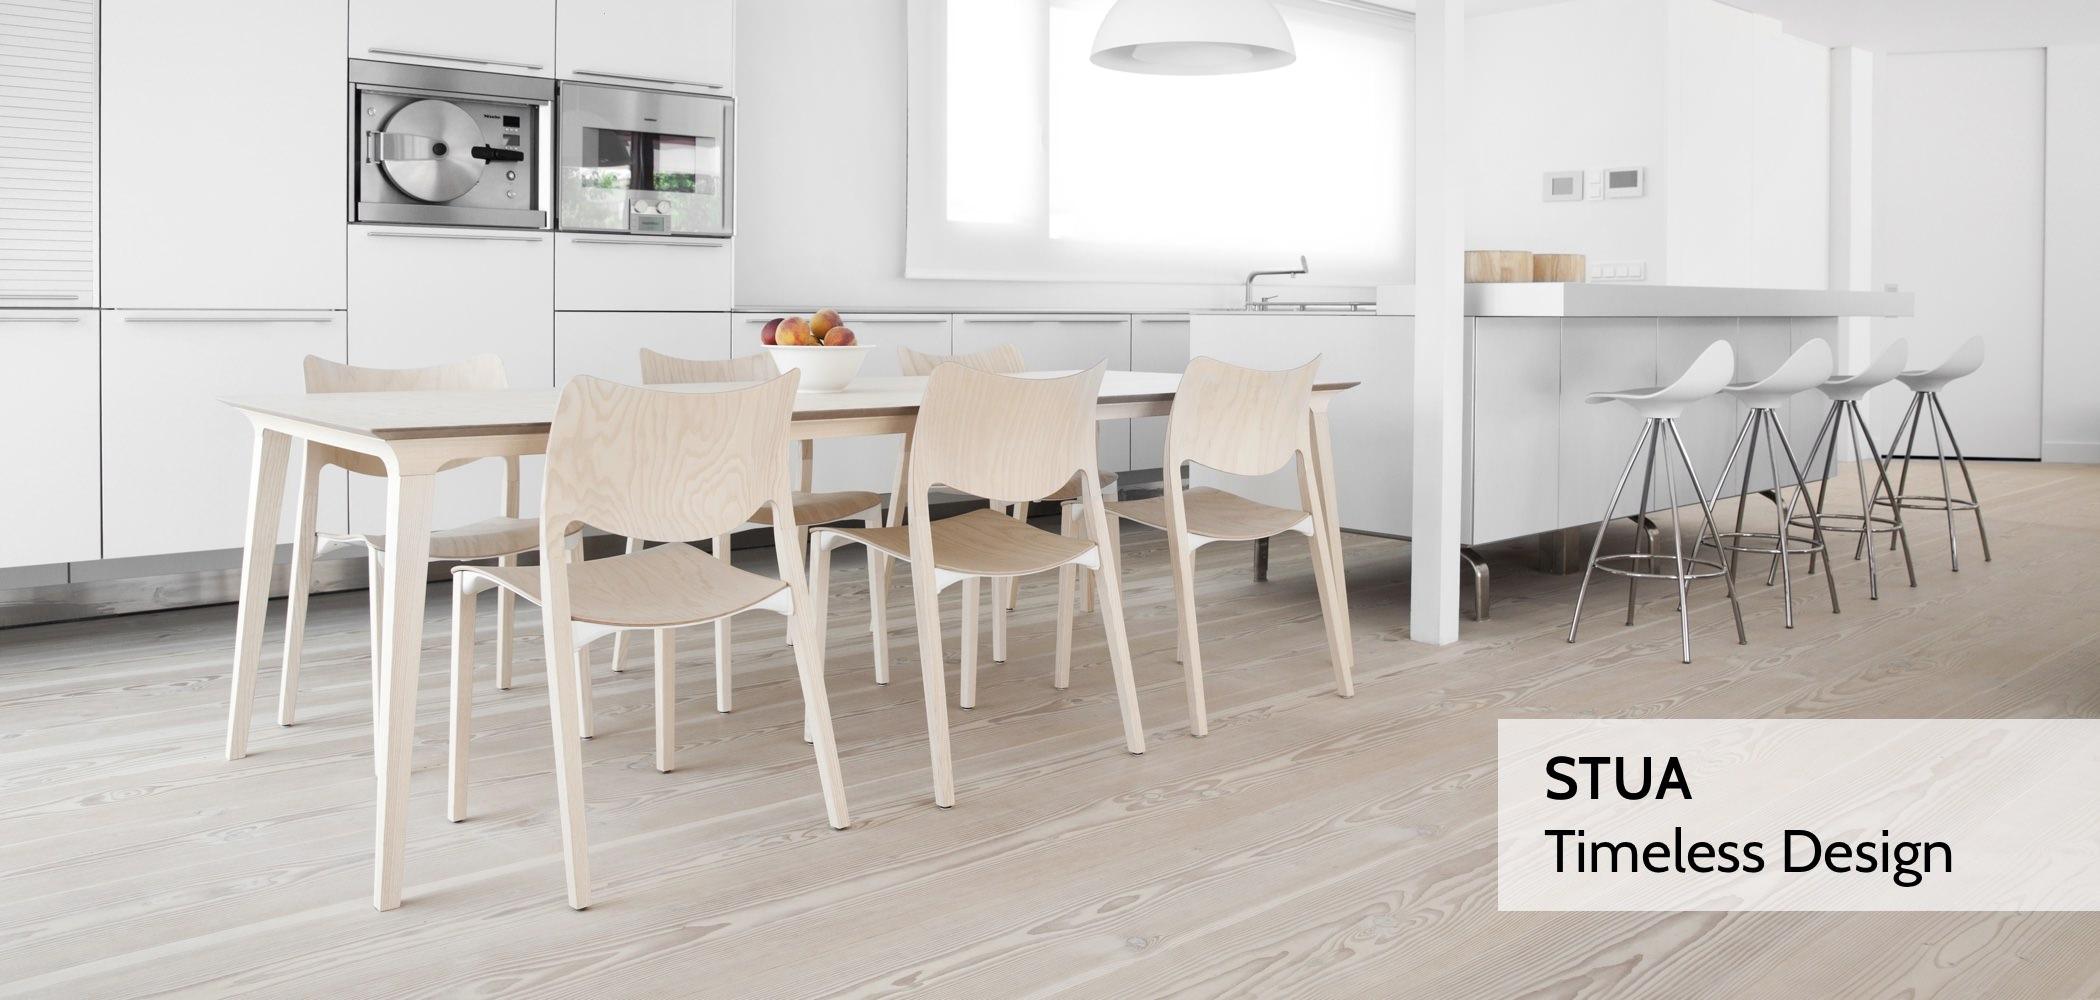 Stua Laclasica chair-Lau-table-onda-stool